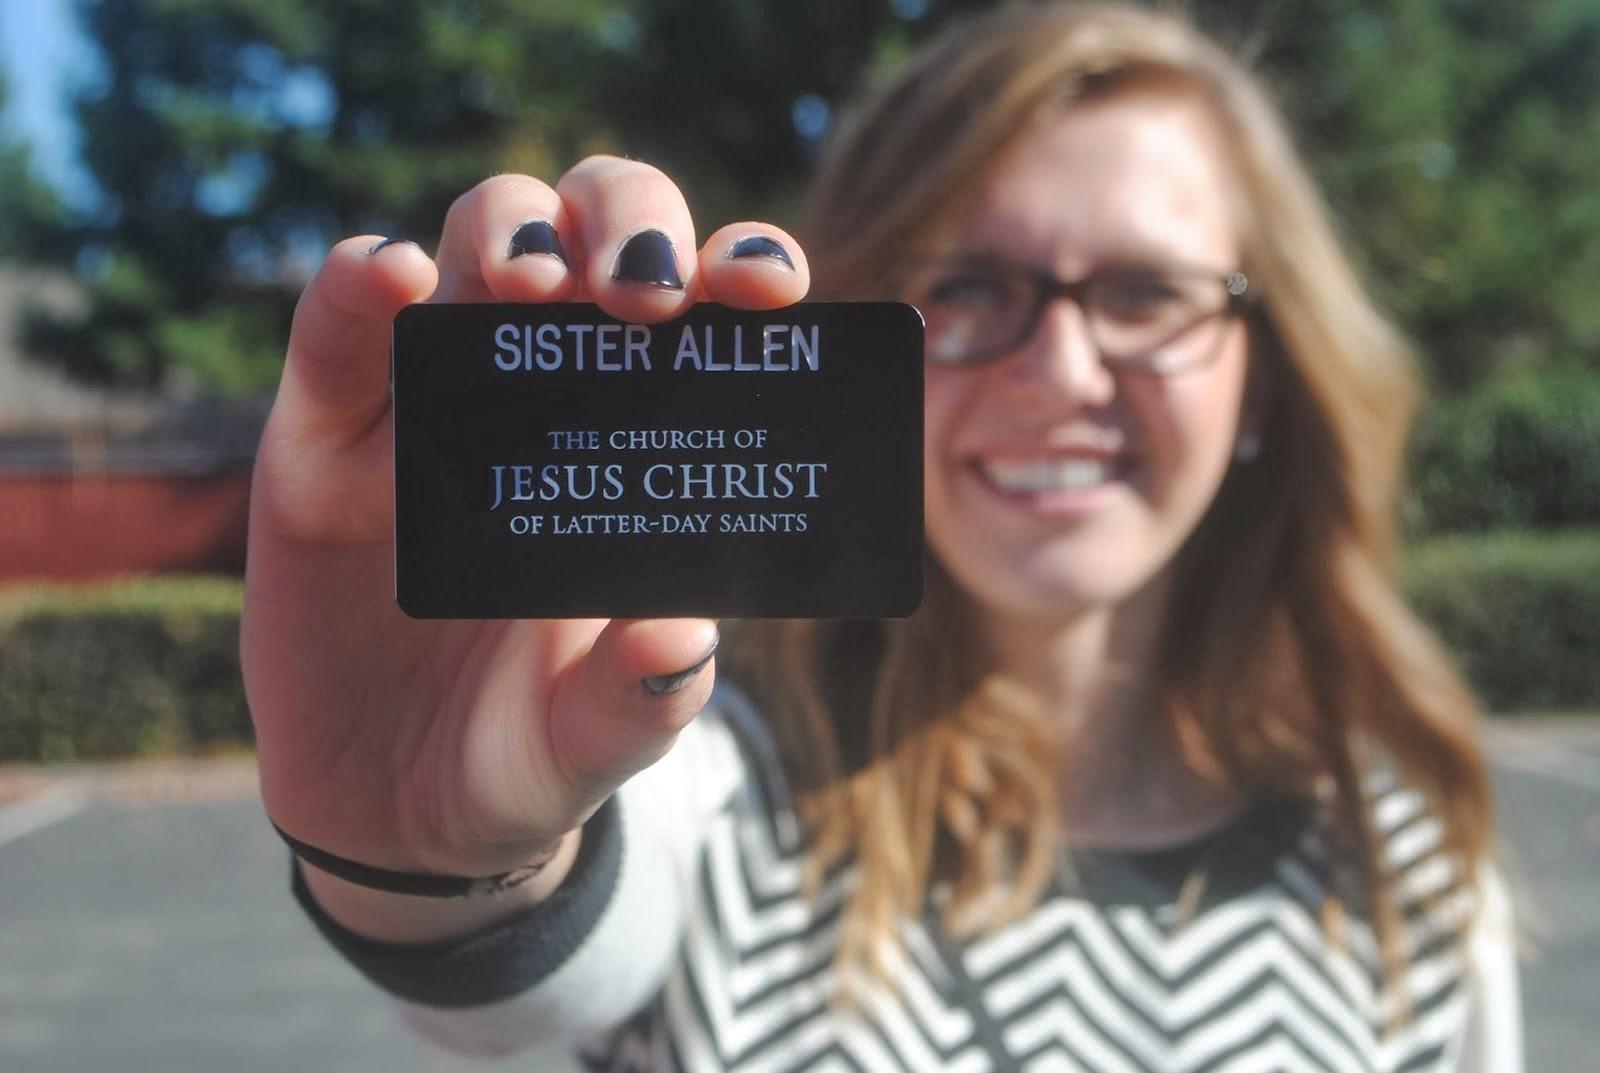 Sister Allen